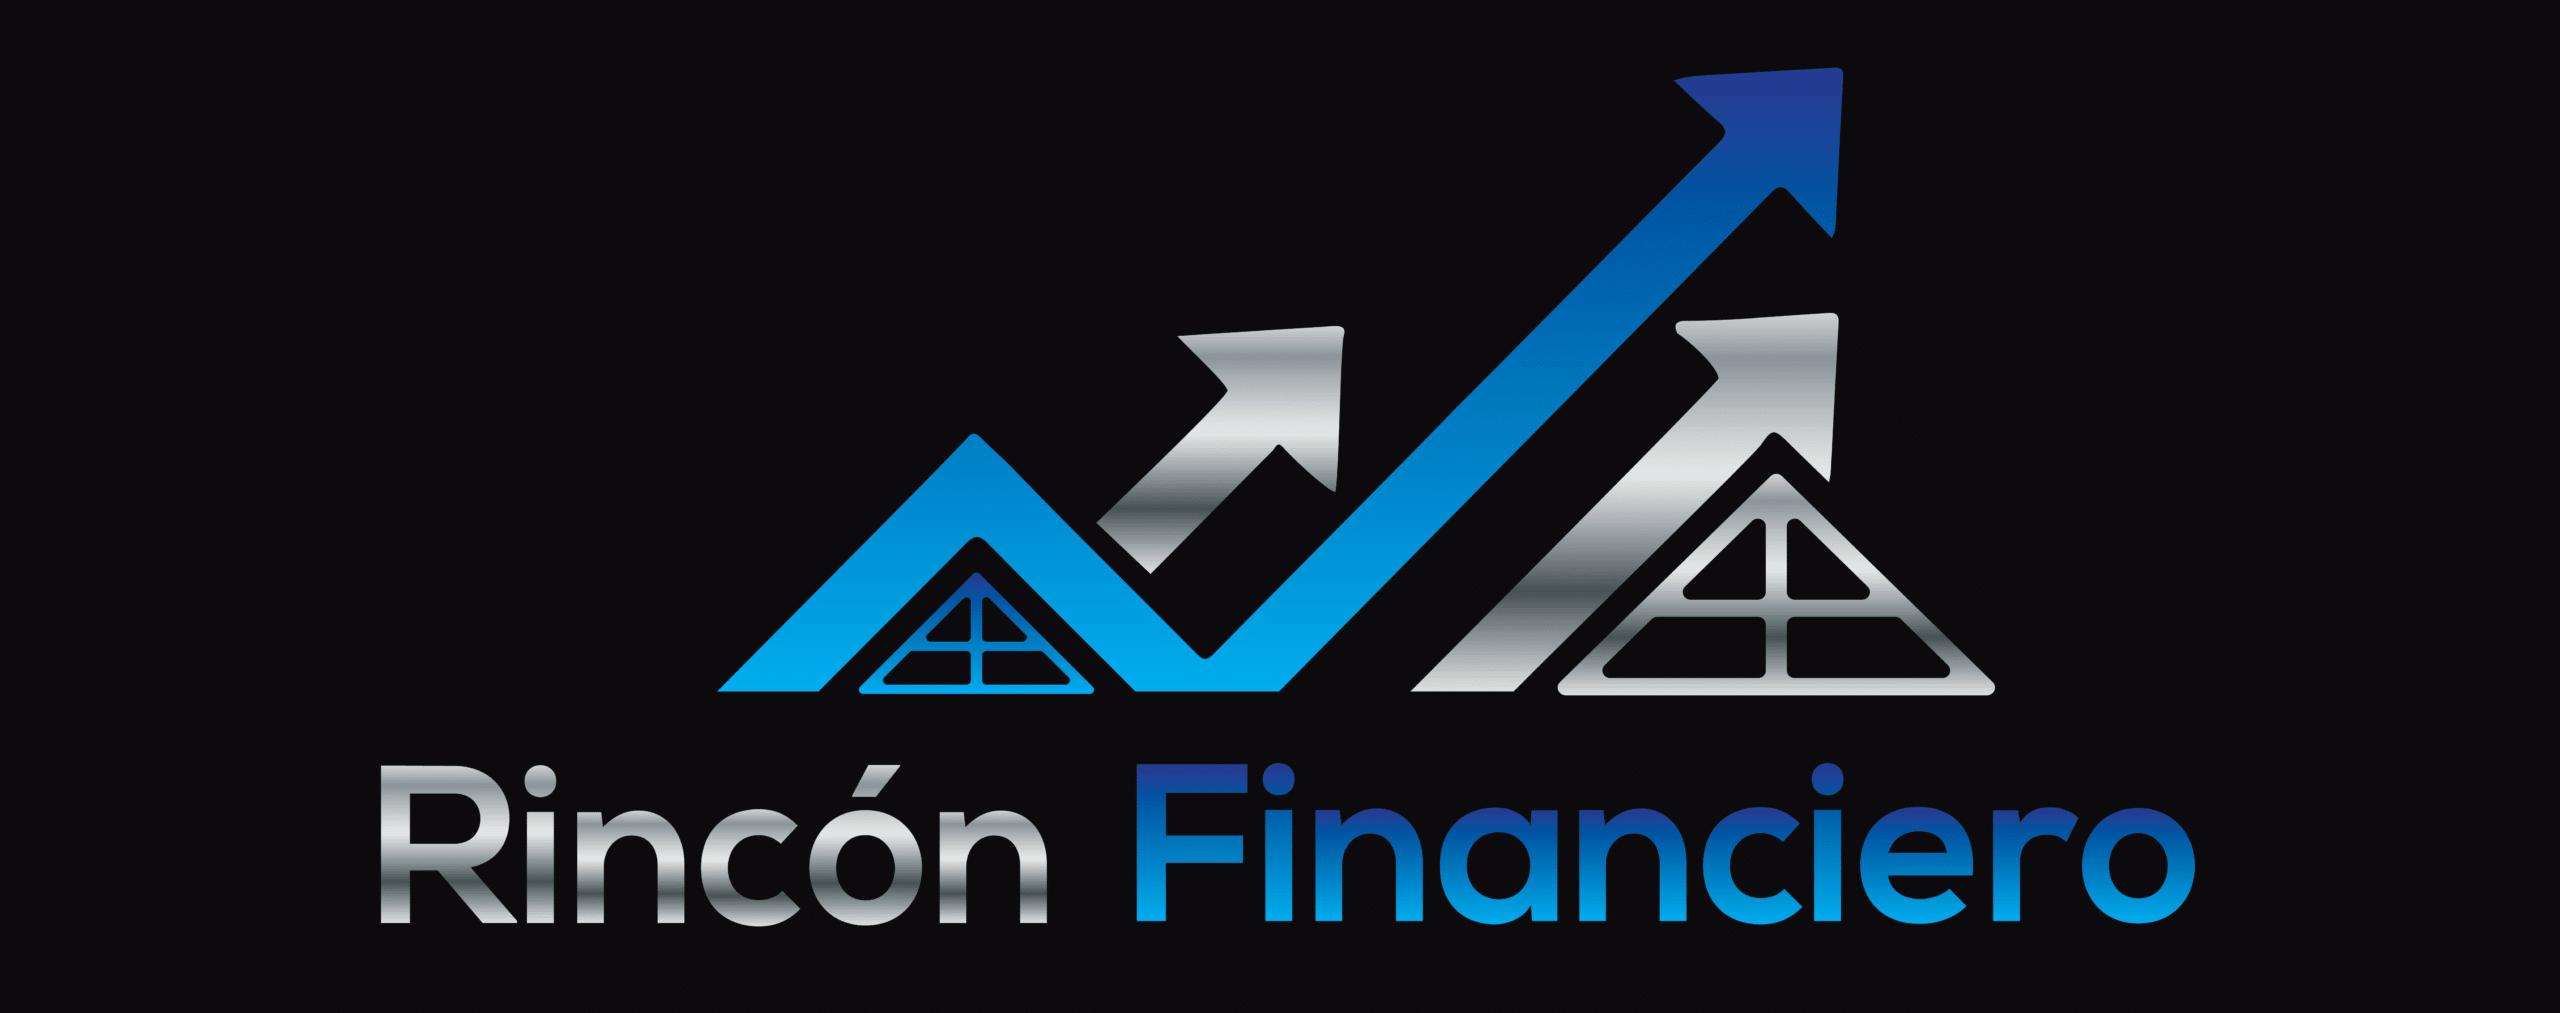 El Rincón Financiero